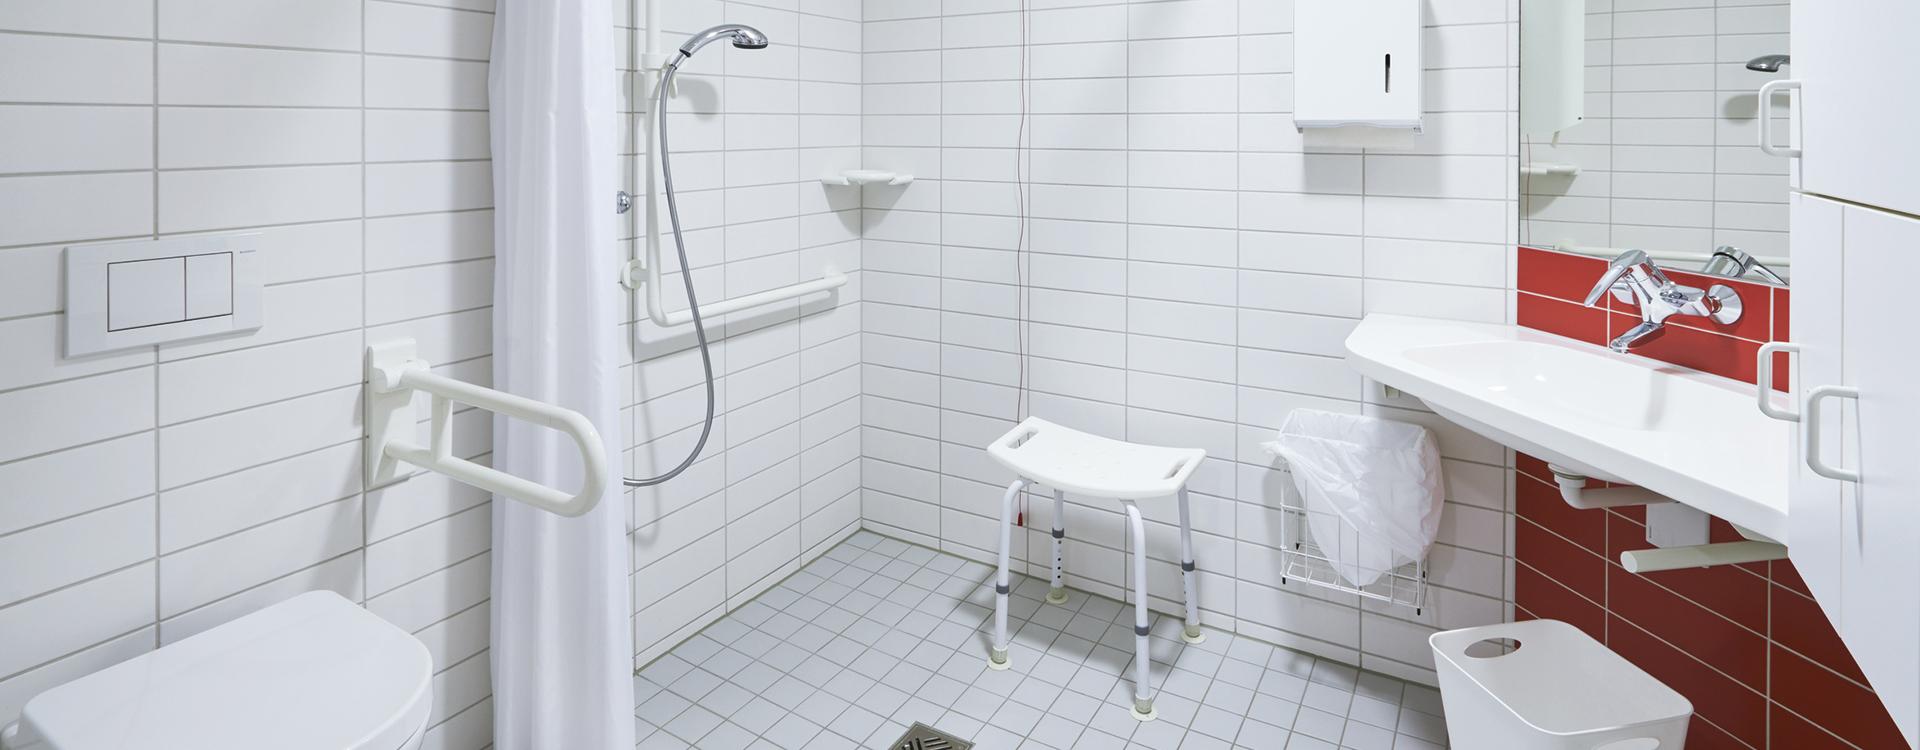 Stefan-Stolze-Heizungs-und-Sanitartechnik-Gmbh-Ihr-Klempner-in-Ahrensburg-barrierefreie-baeder